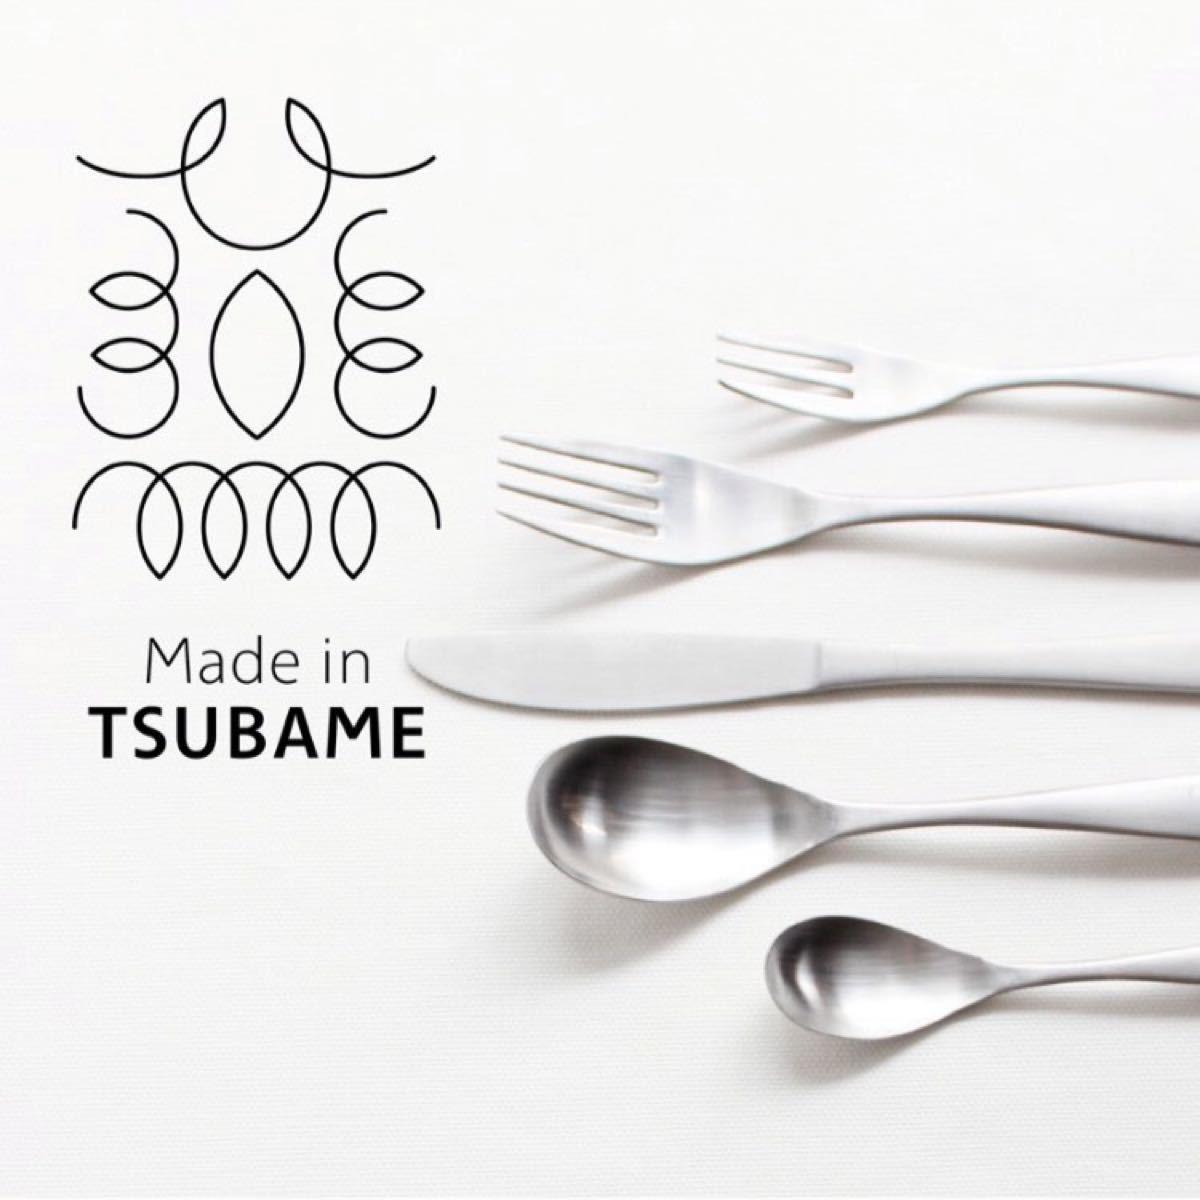 ツバメカトラリー 10本セット フォーク大小&ナイフ&スプーン大小 新品未使用 made in tsubame 燕